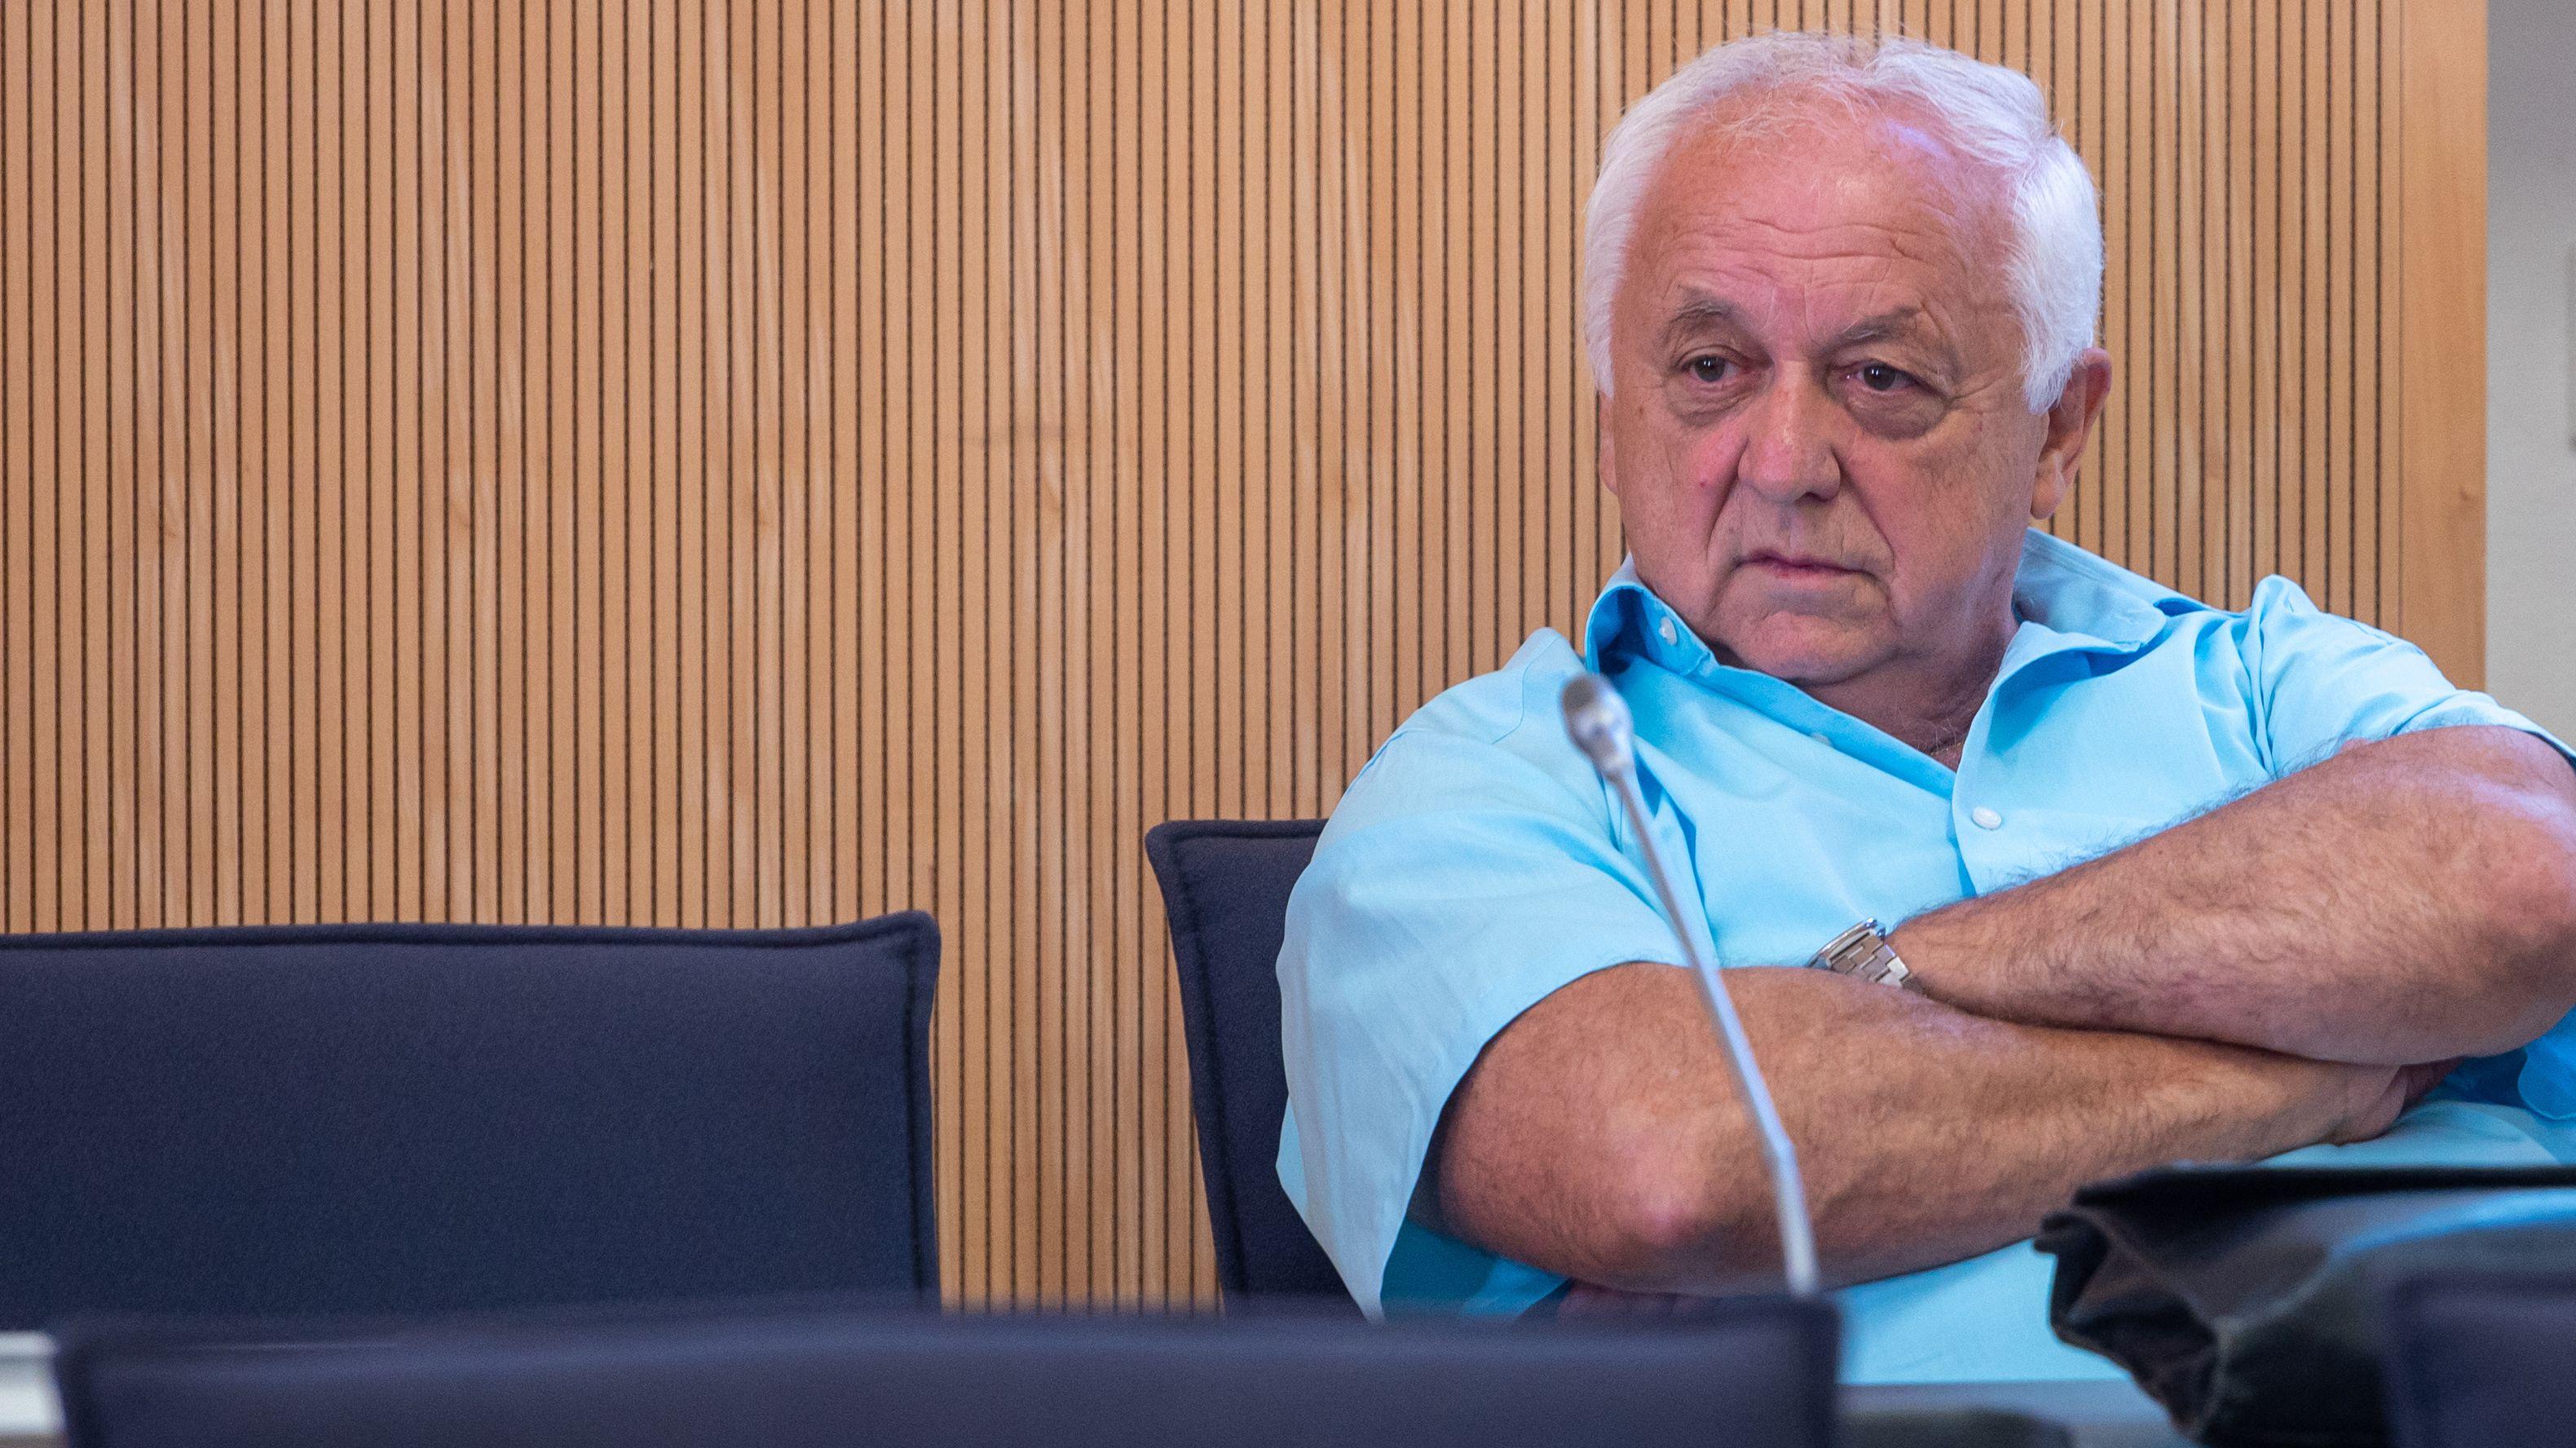 Der frühere SPD-Fraktionschef im Stadtrat, Norbert Hartl, wurde freigesprochen. Als einziger Angeklagter strebt er keine Revision an.